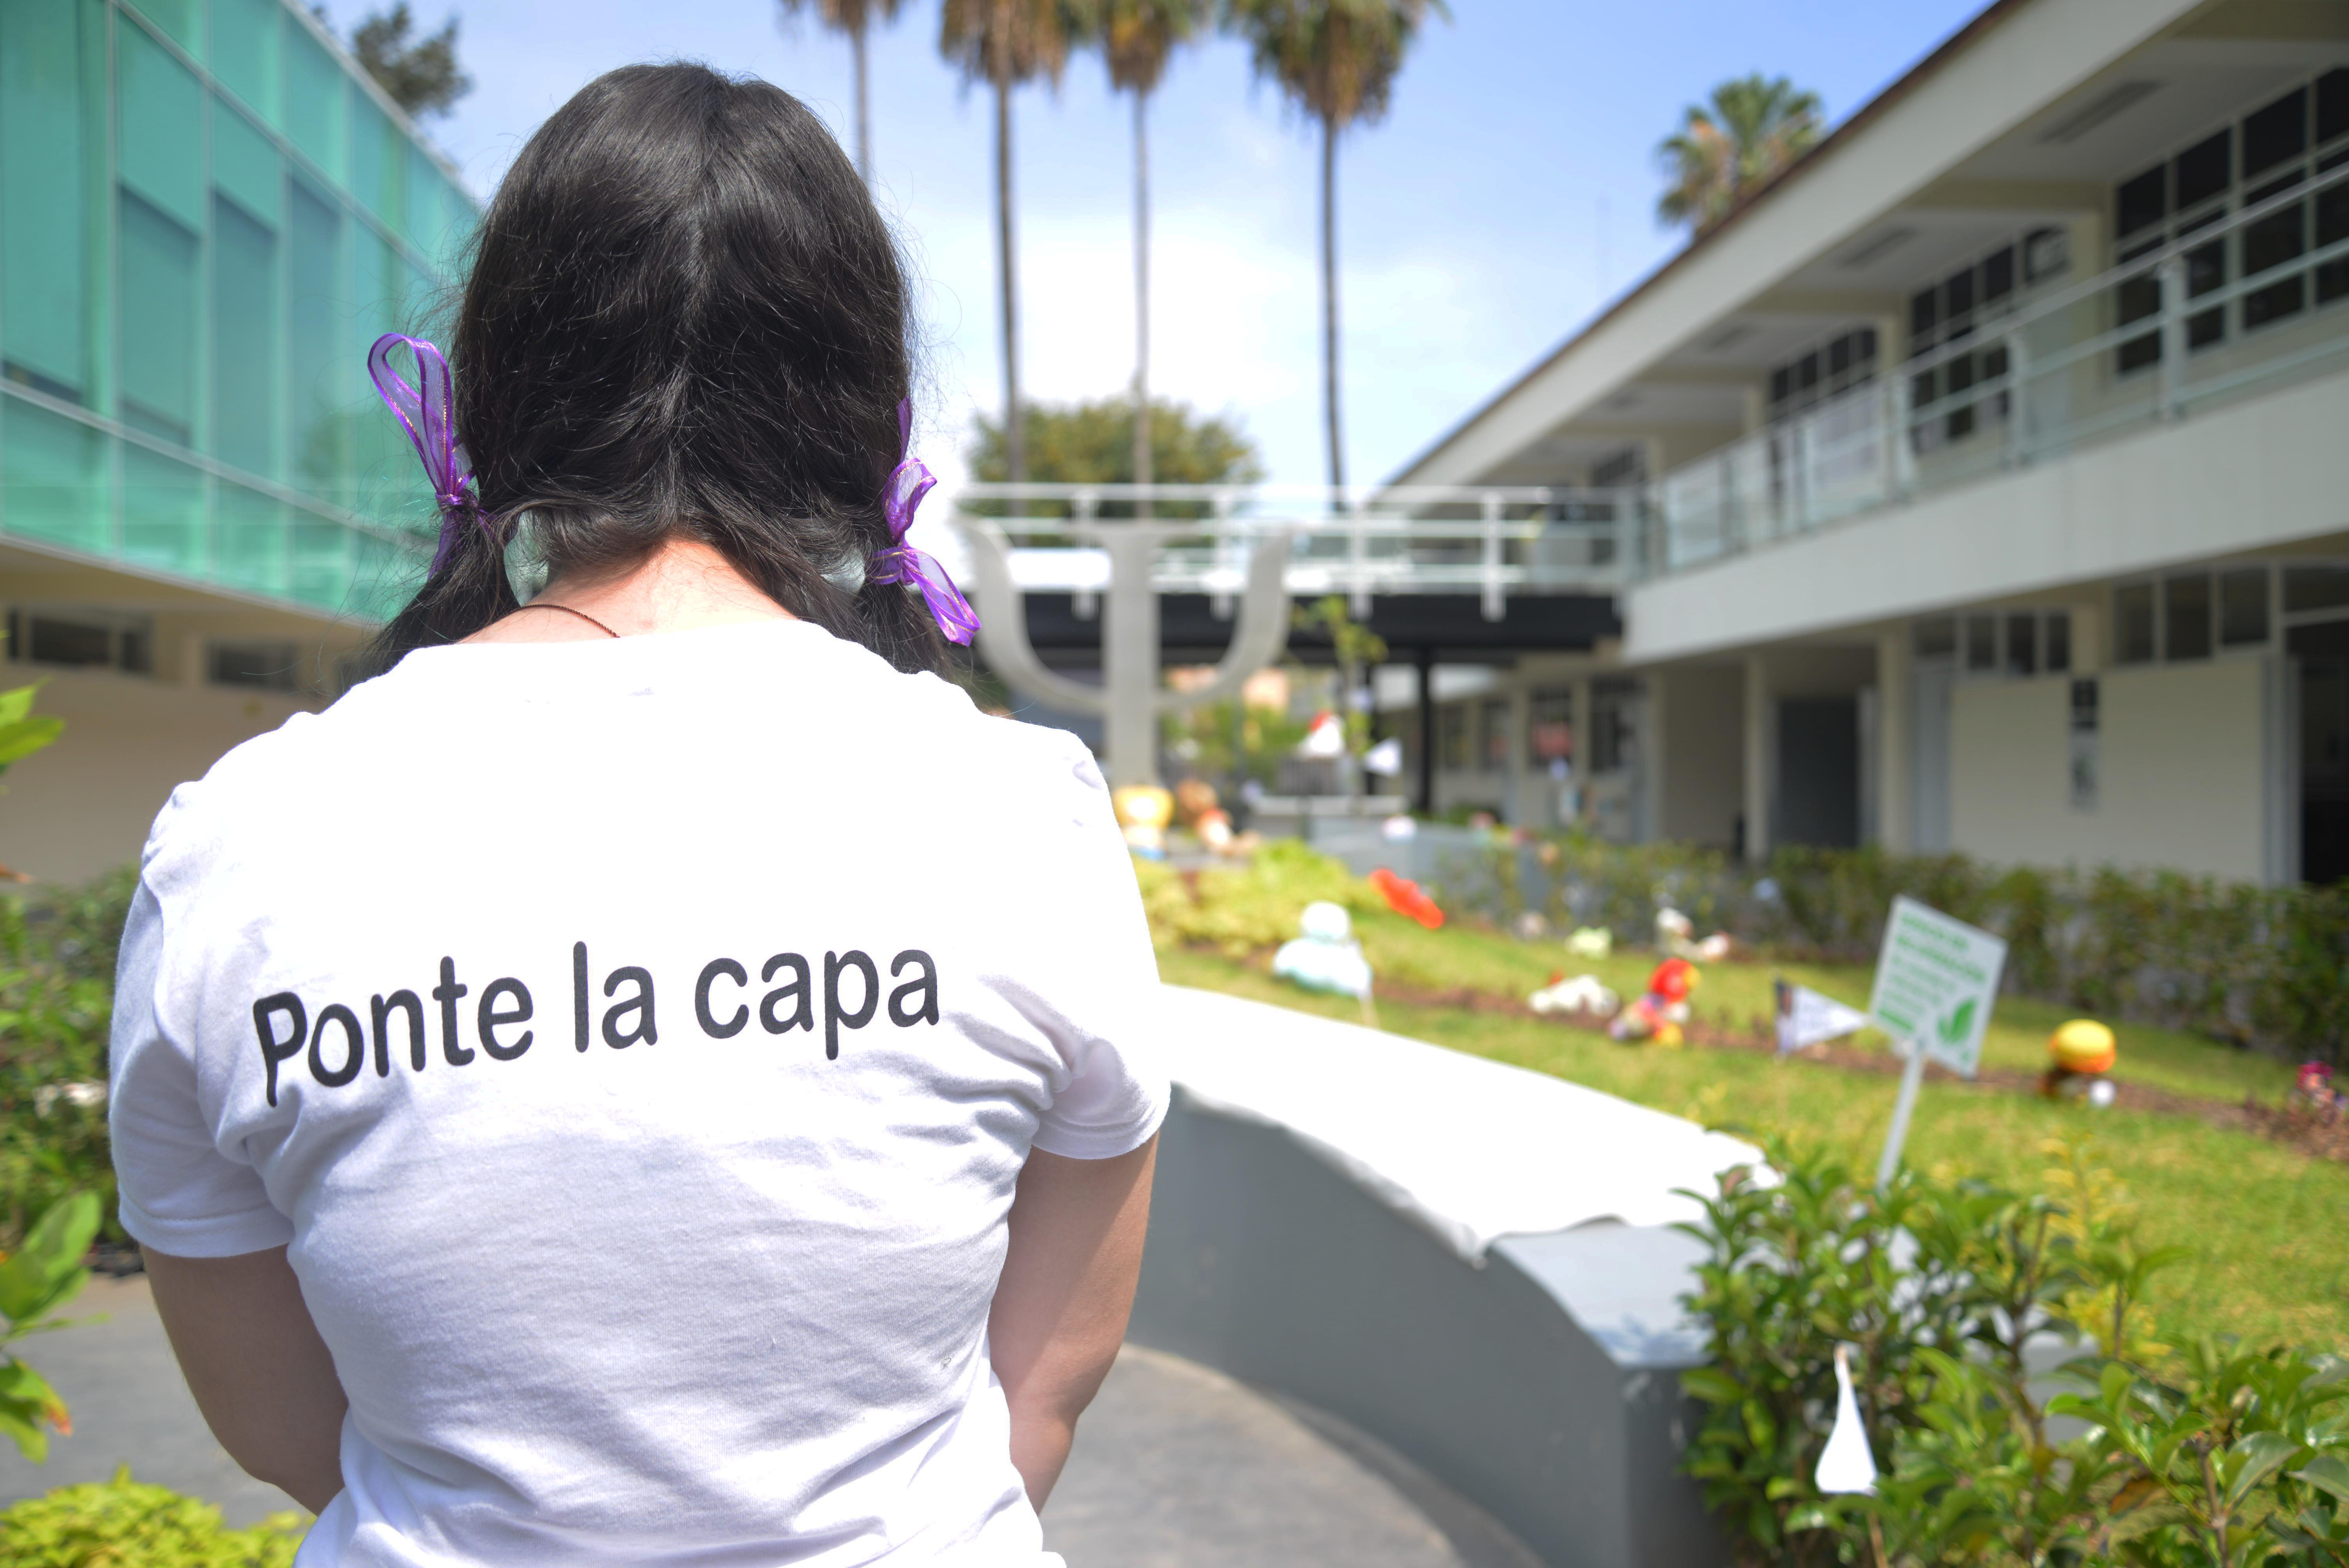 """Alumna exhibiendo playera con leyenda a la espalda """"ponte la capa"""""""